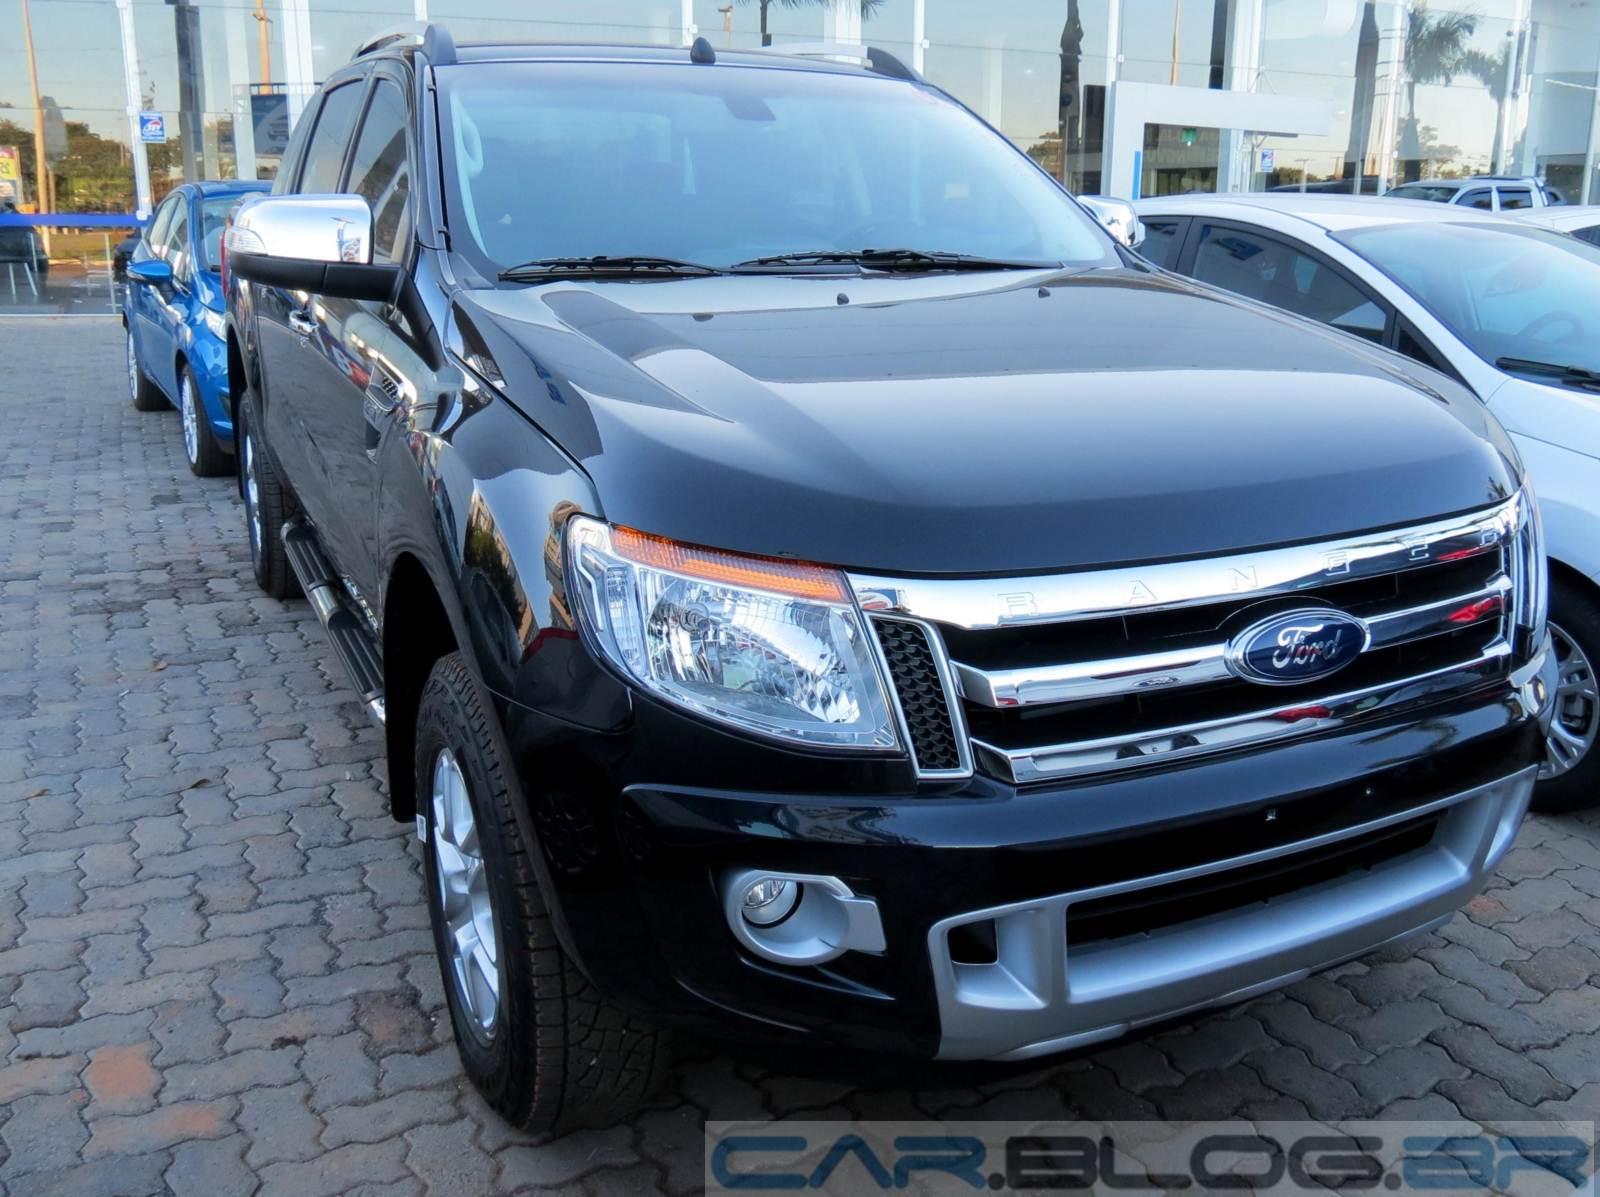 2015 Ford Ranger Ford ranger 2015